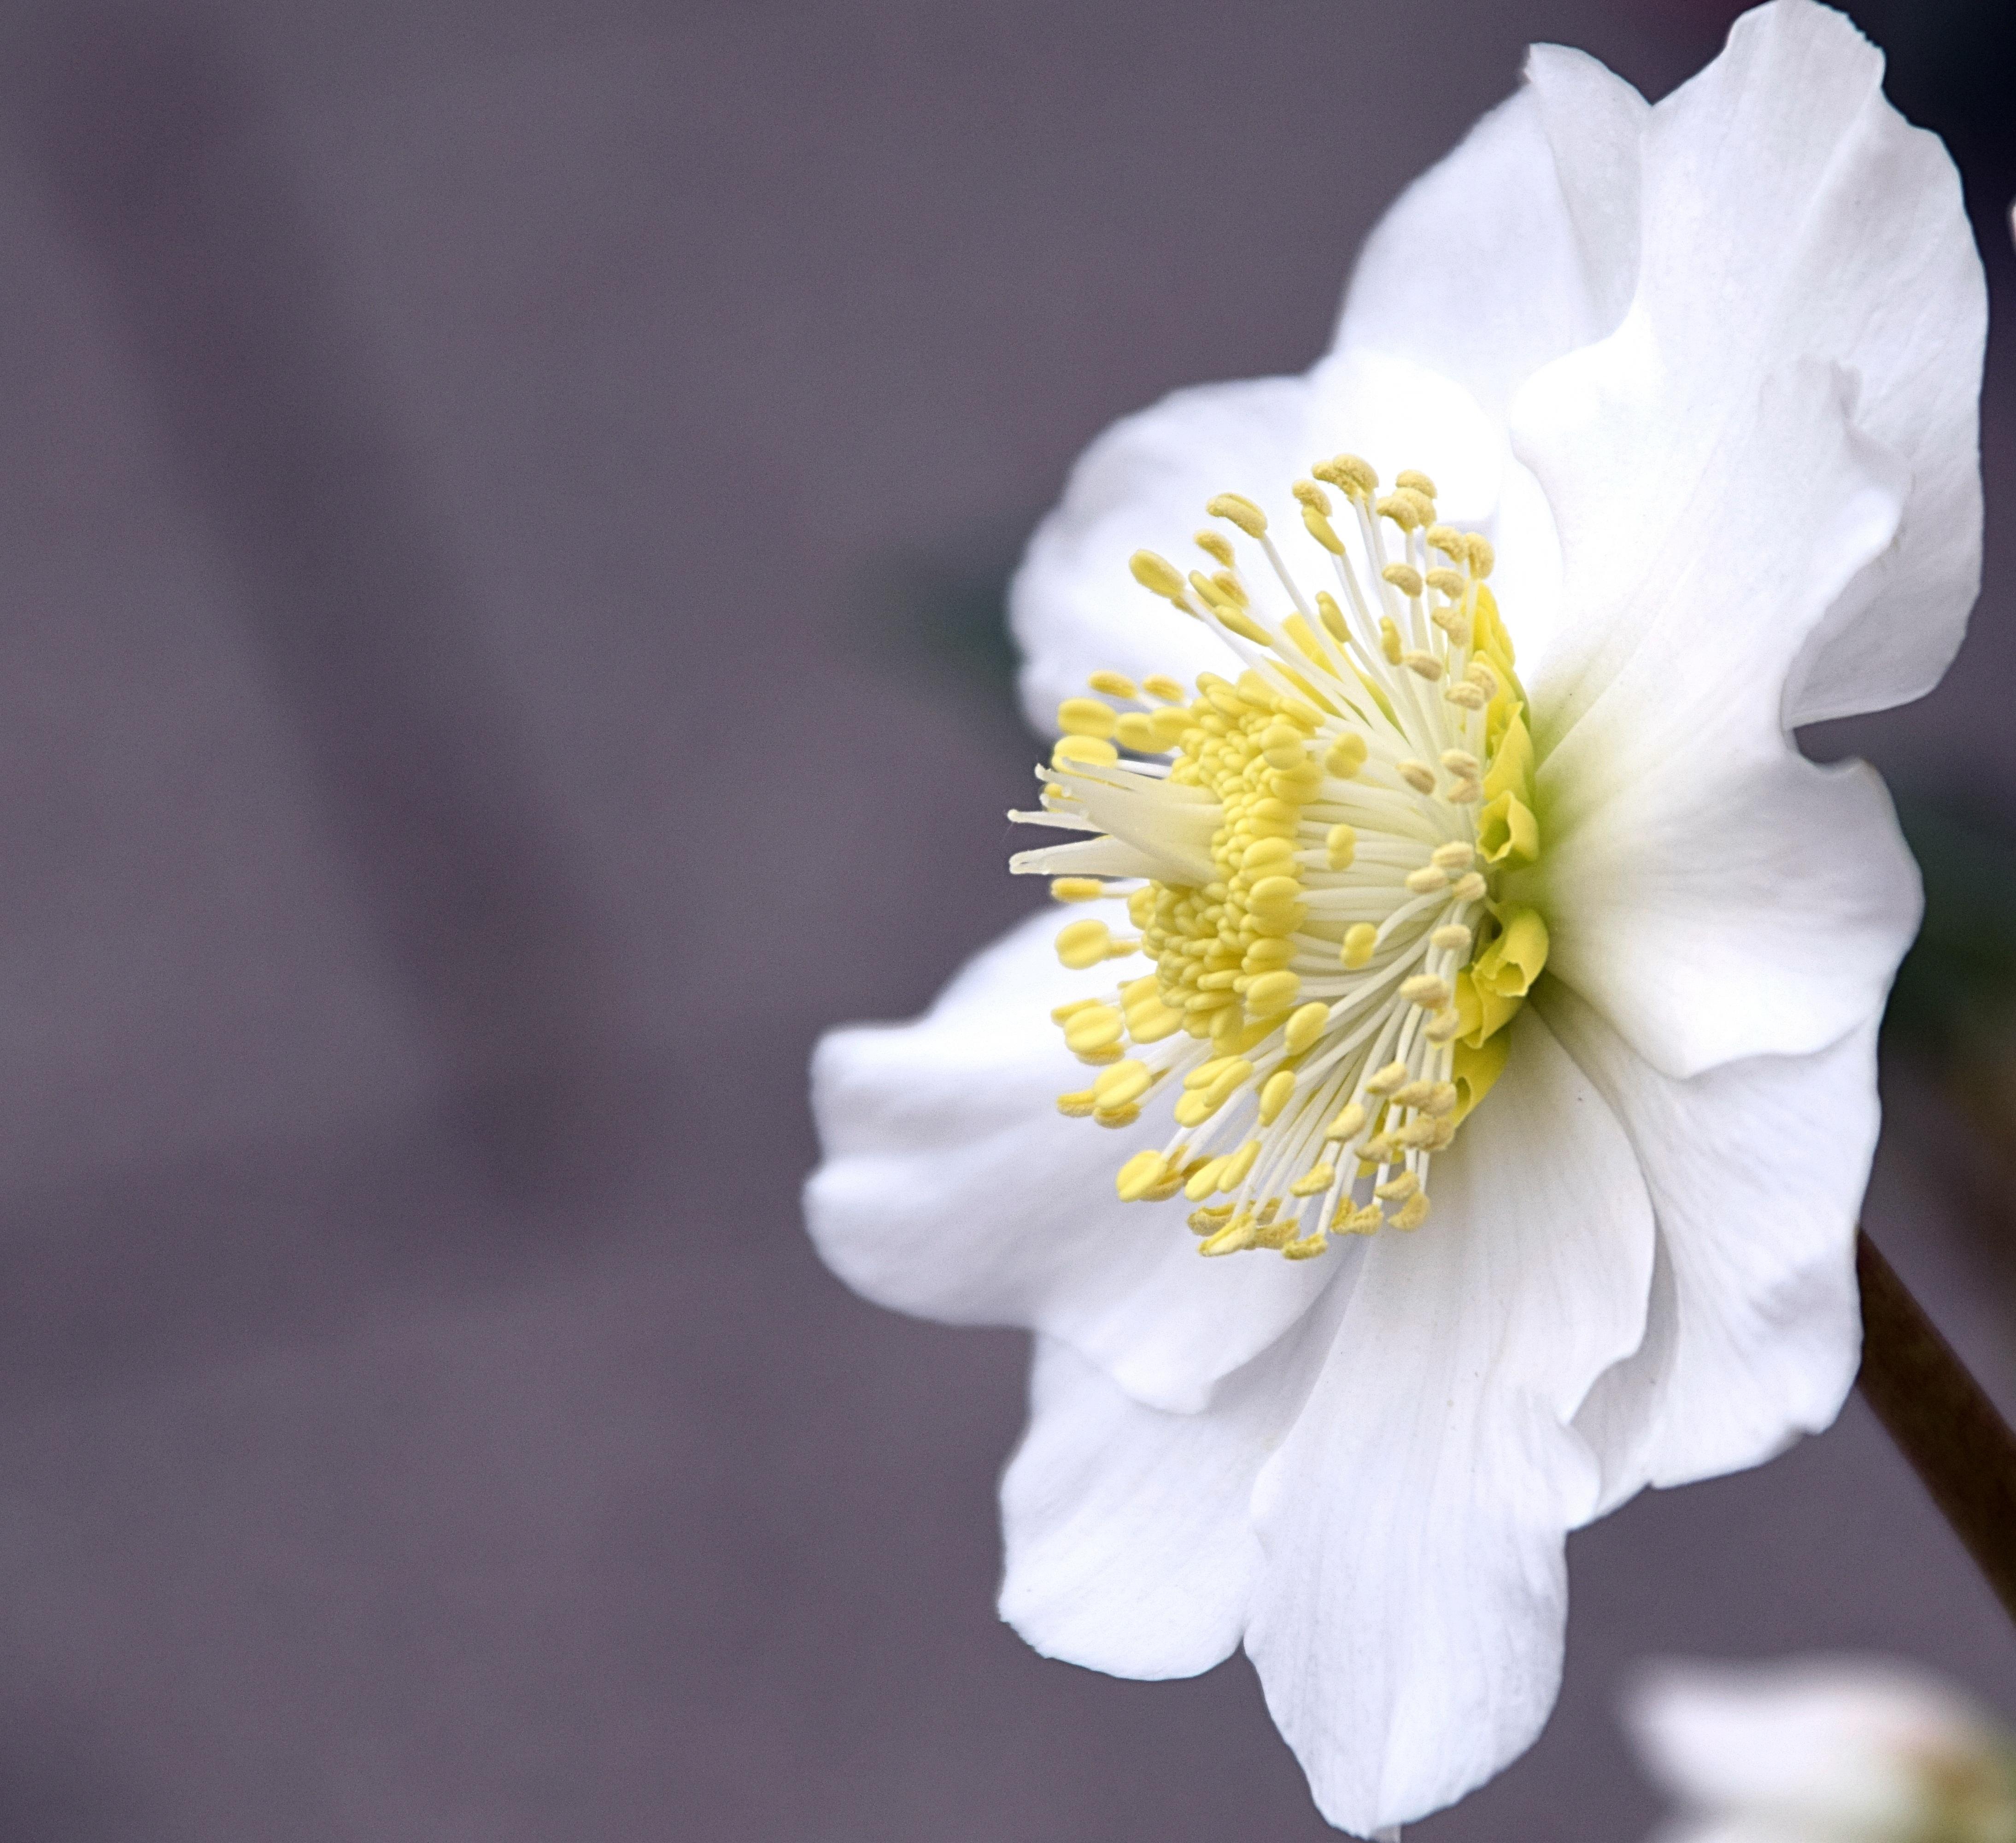 Kostenlose foto : Natur, Weiß, Blütenblatt, Gelb, schließen, Flora ...